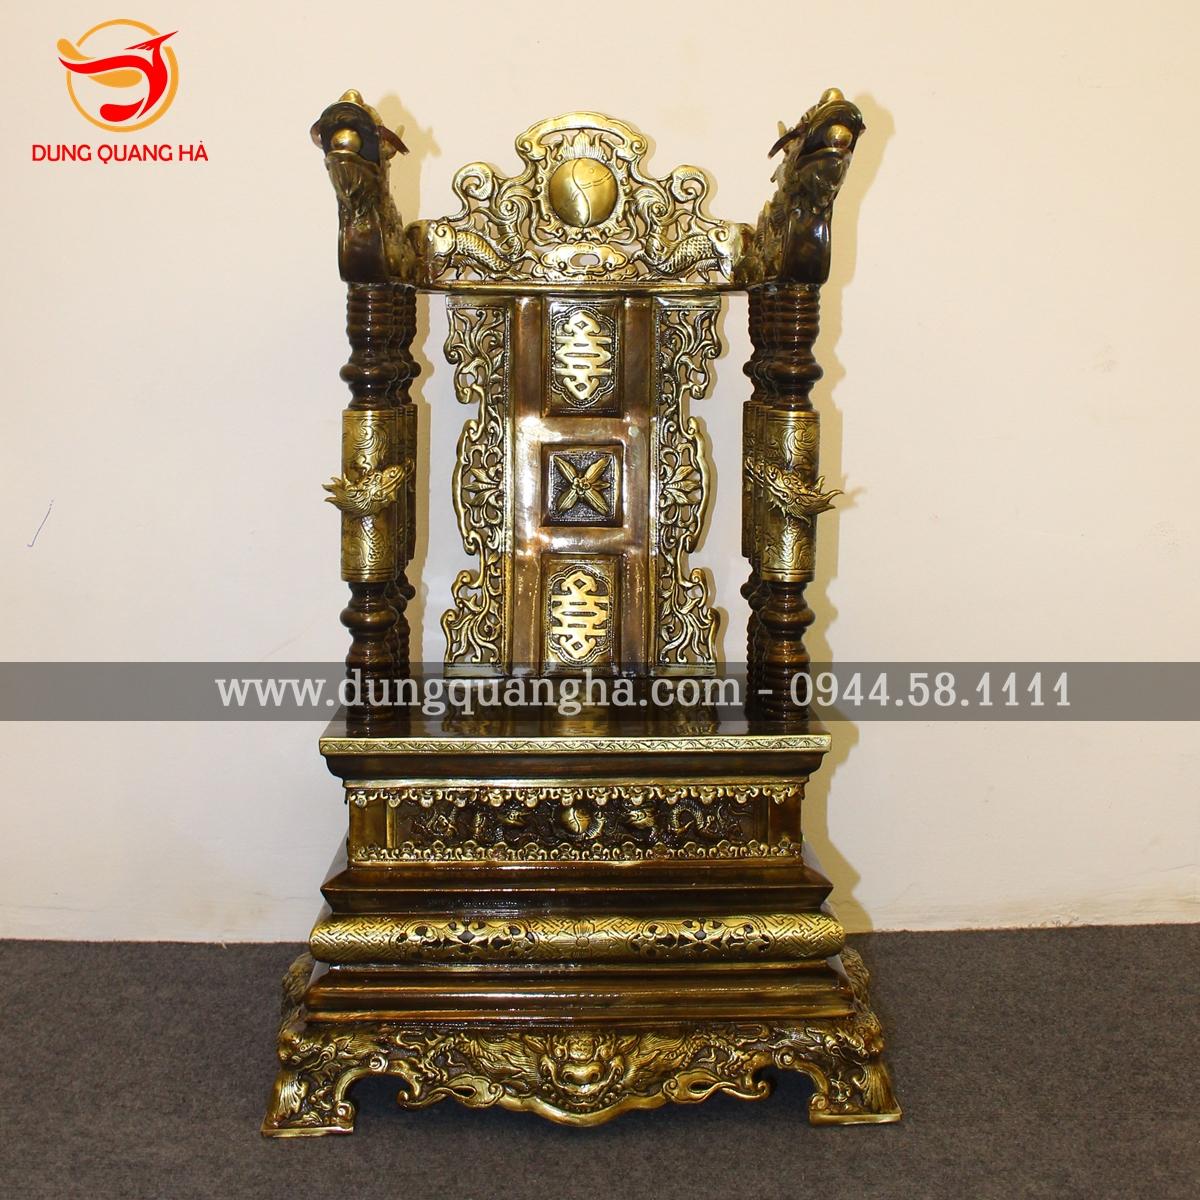 Ngai thờ gia tiên đồng vàng giả cổ tinh xảo ấn tượng 2